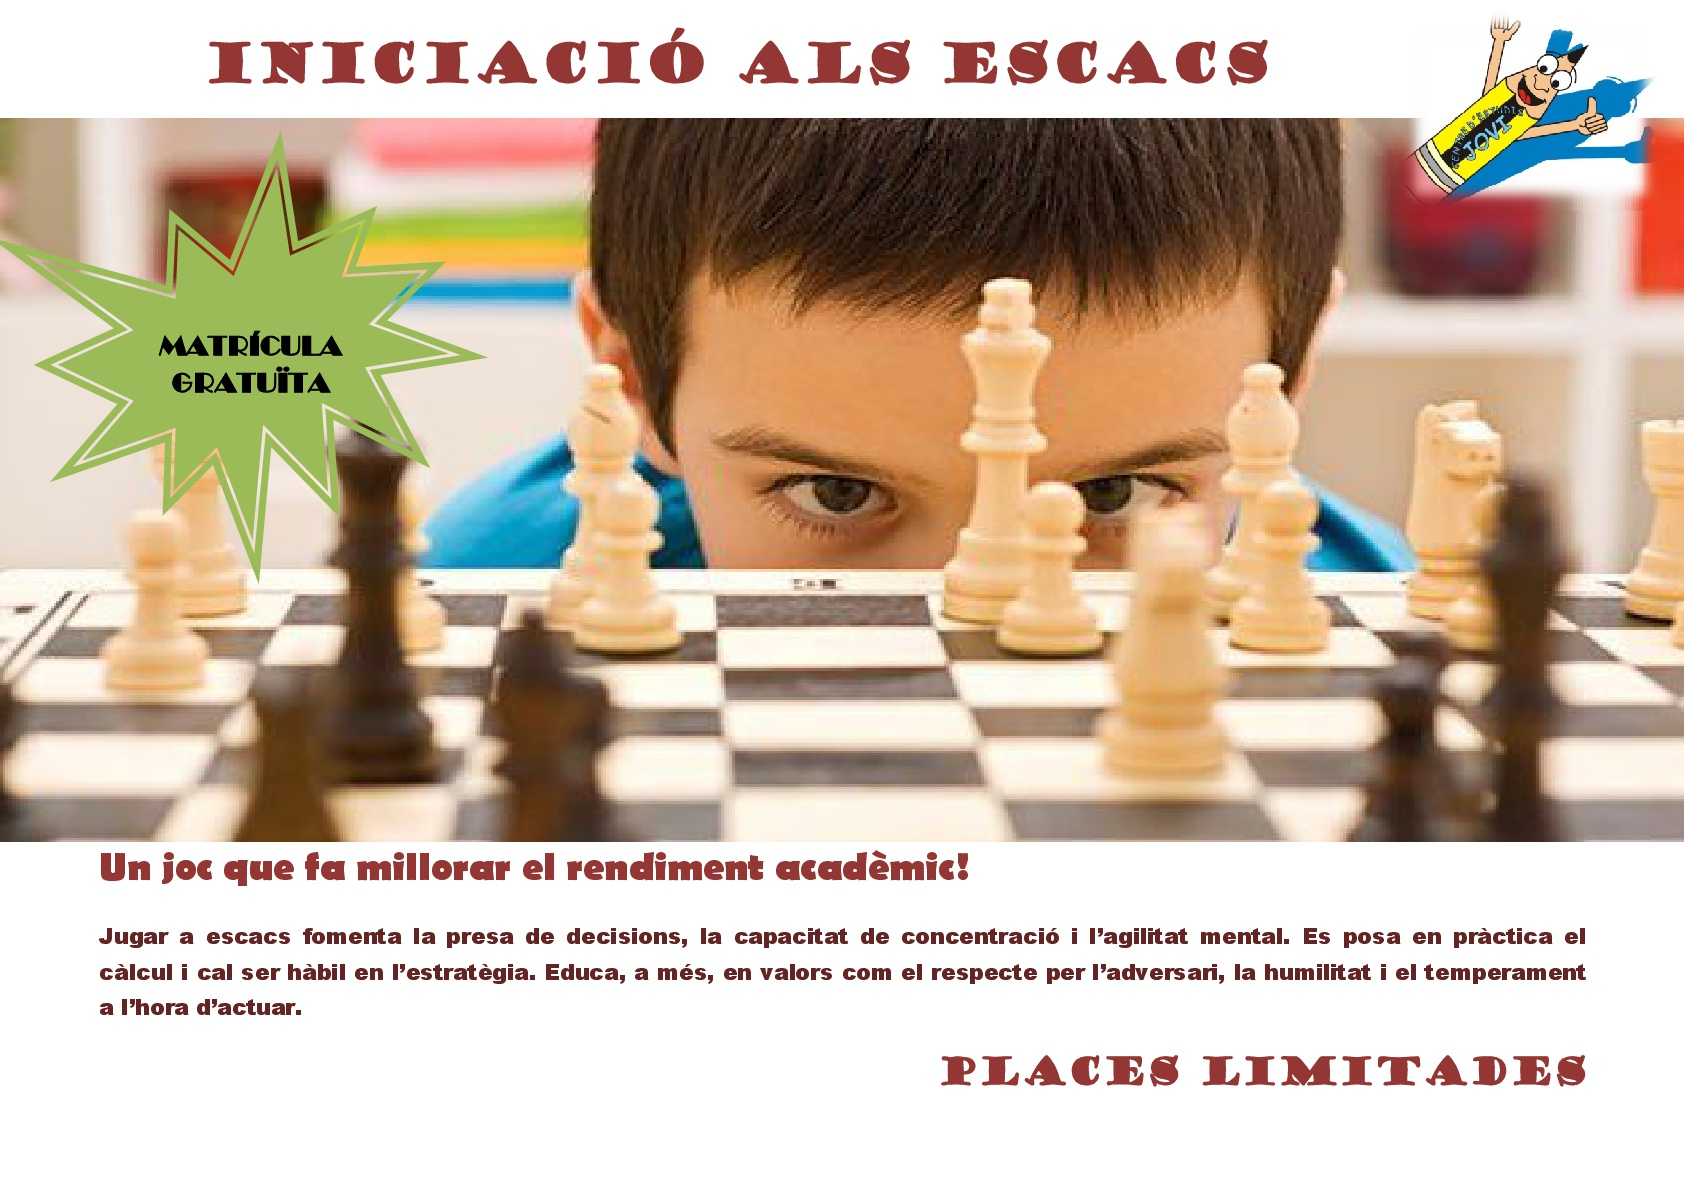 INICIACIÓ ALS ESCACS-001